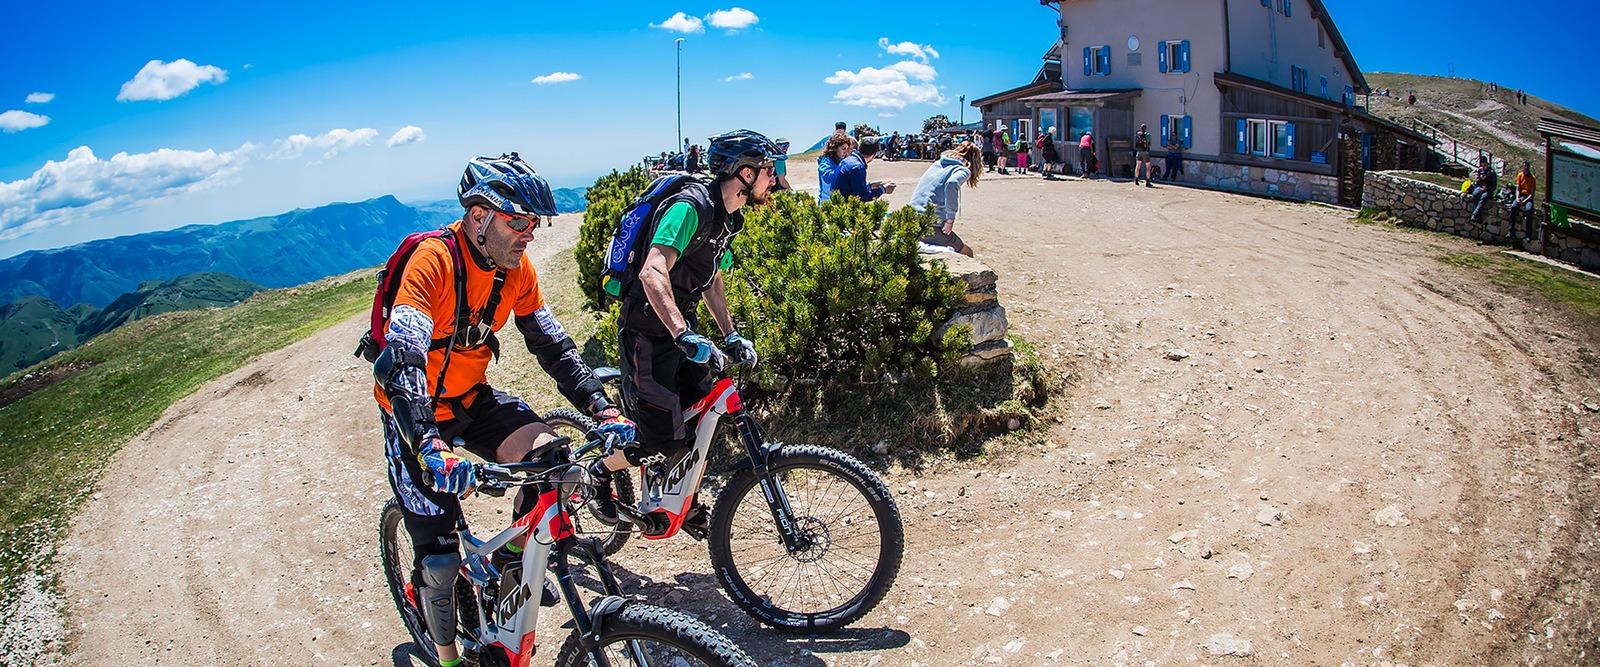 E-bike - Rifugio Damiano Chiesa - monte Altissimo - Vallagarina - Trentino